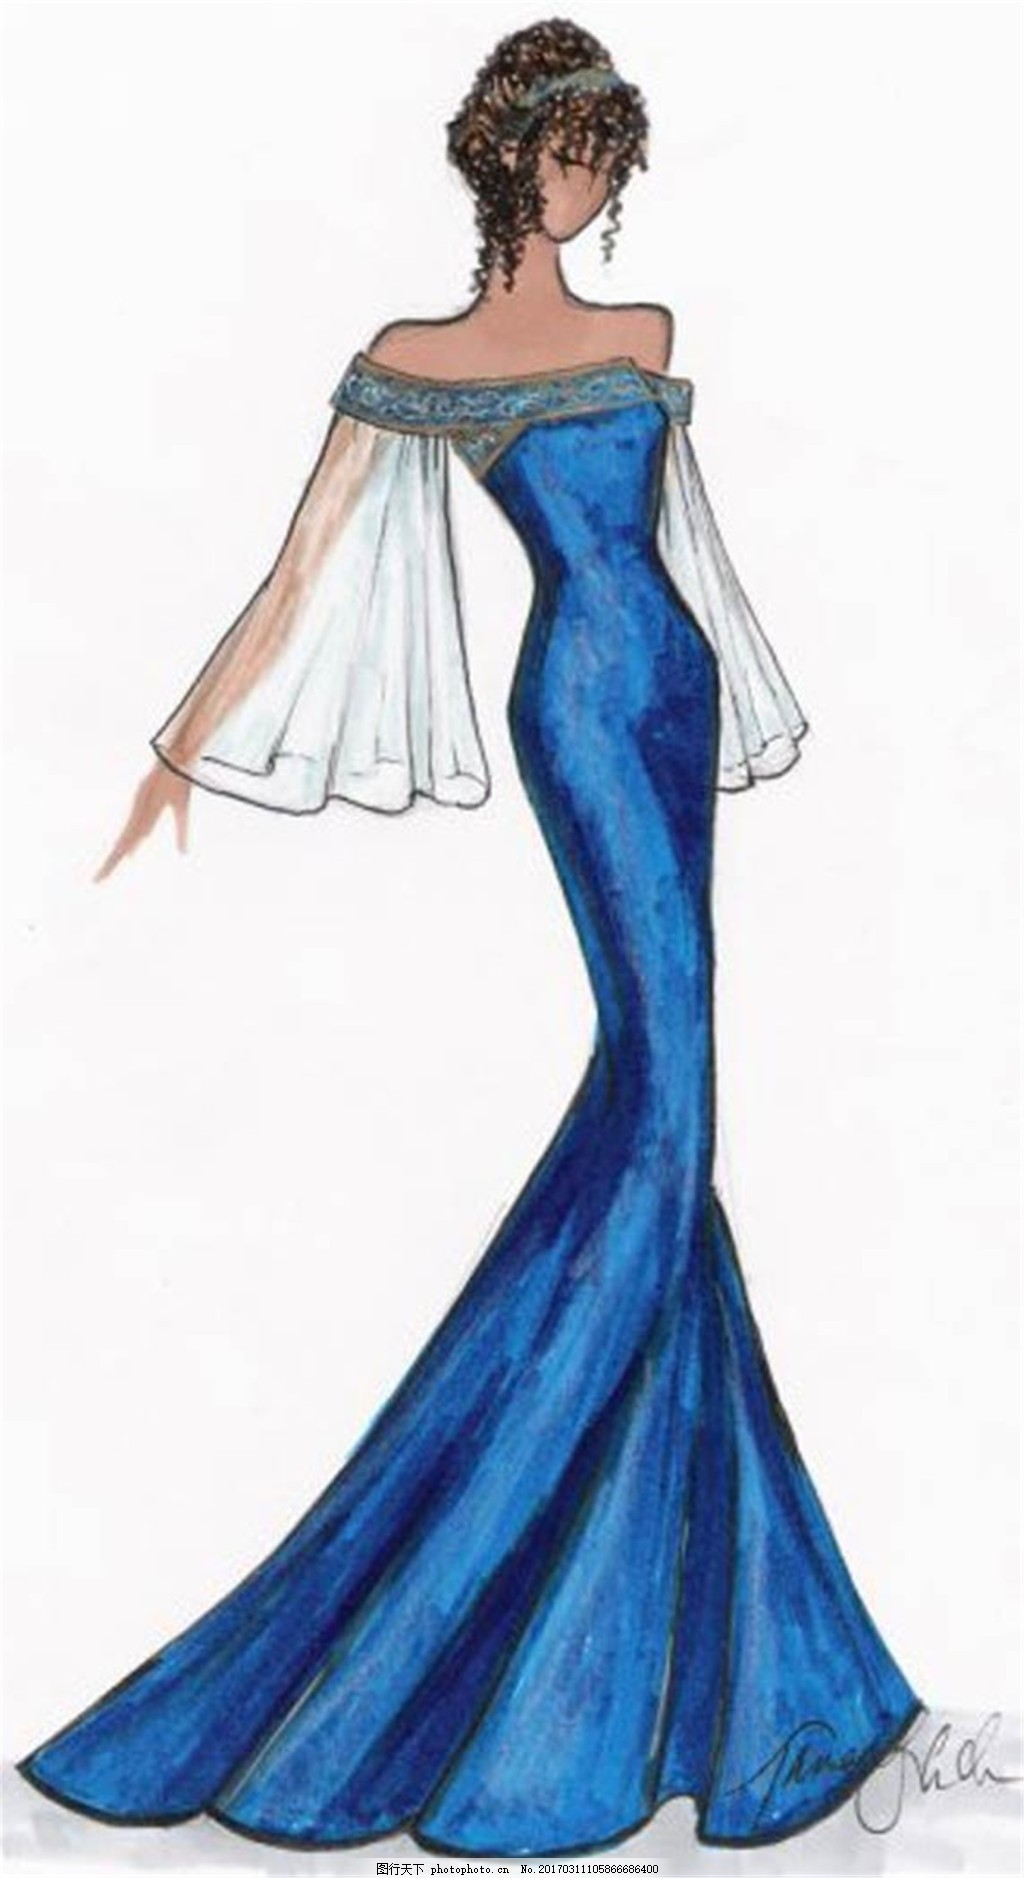 设计图库 现代科技 服装设计  蓝色长裙礼服设计图 服装设计 时尚女装